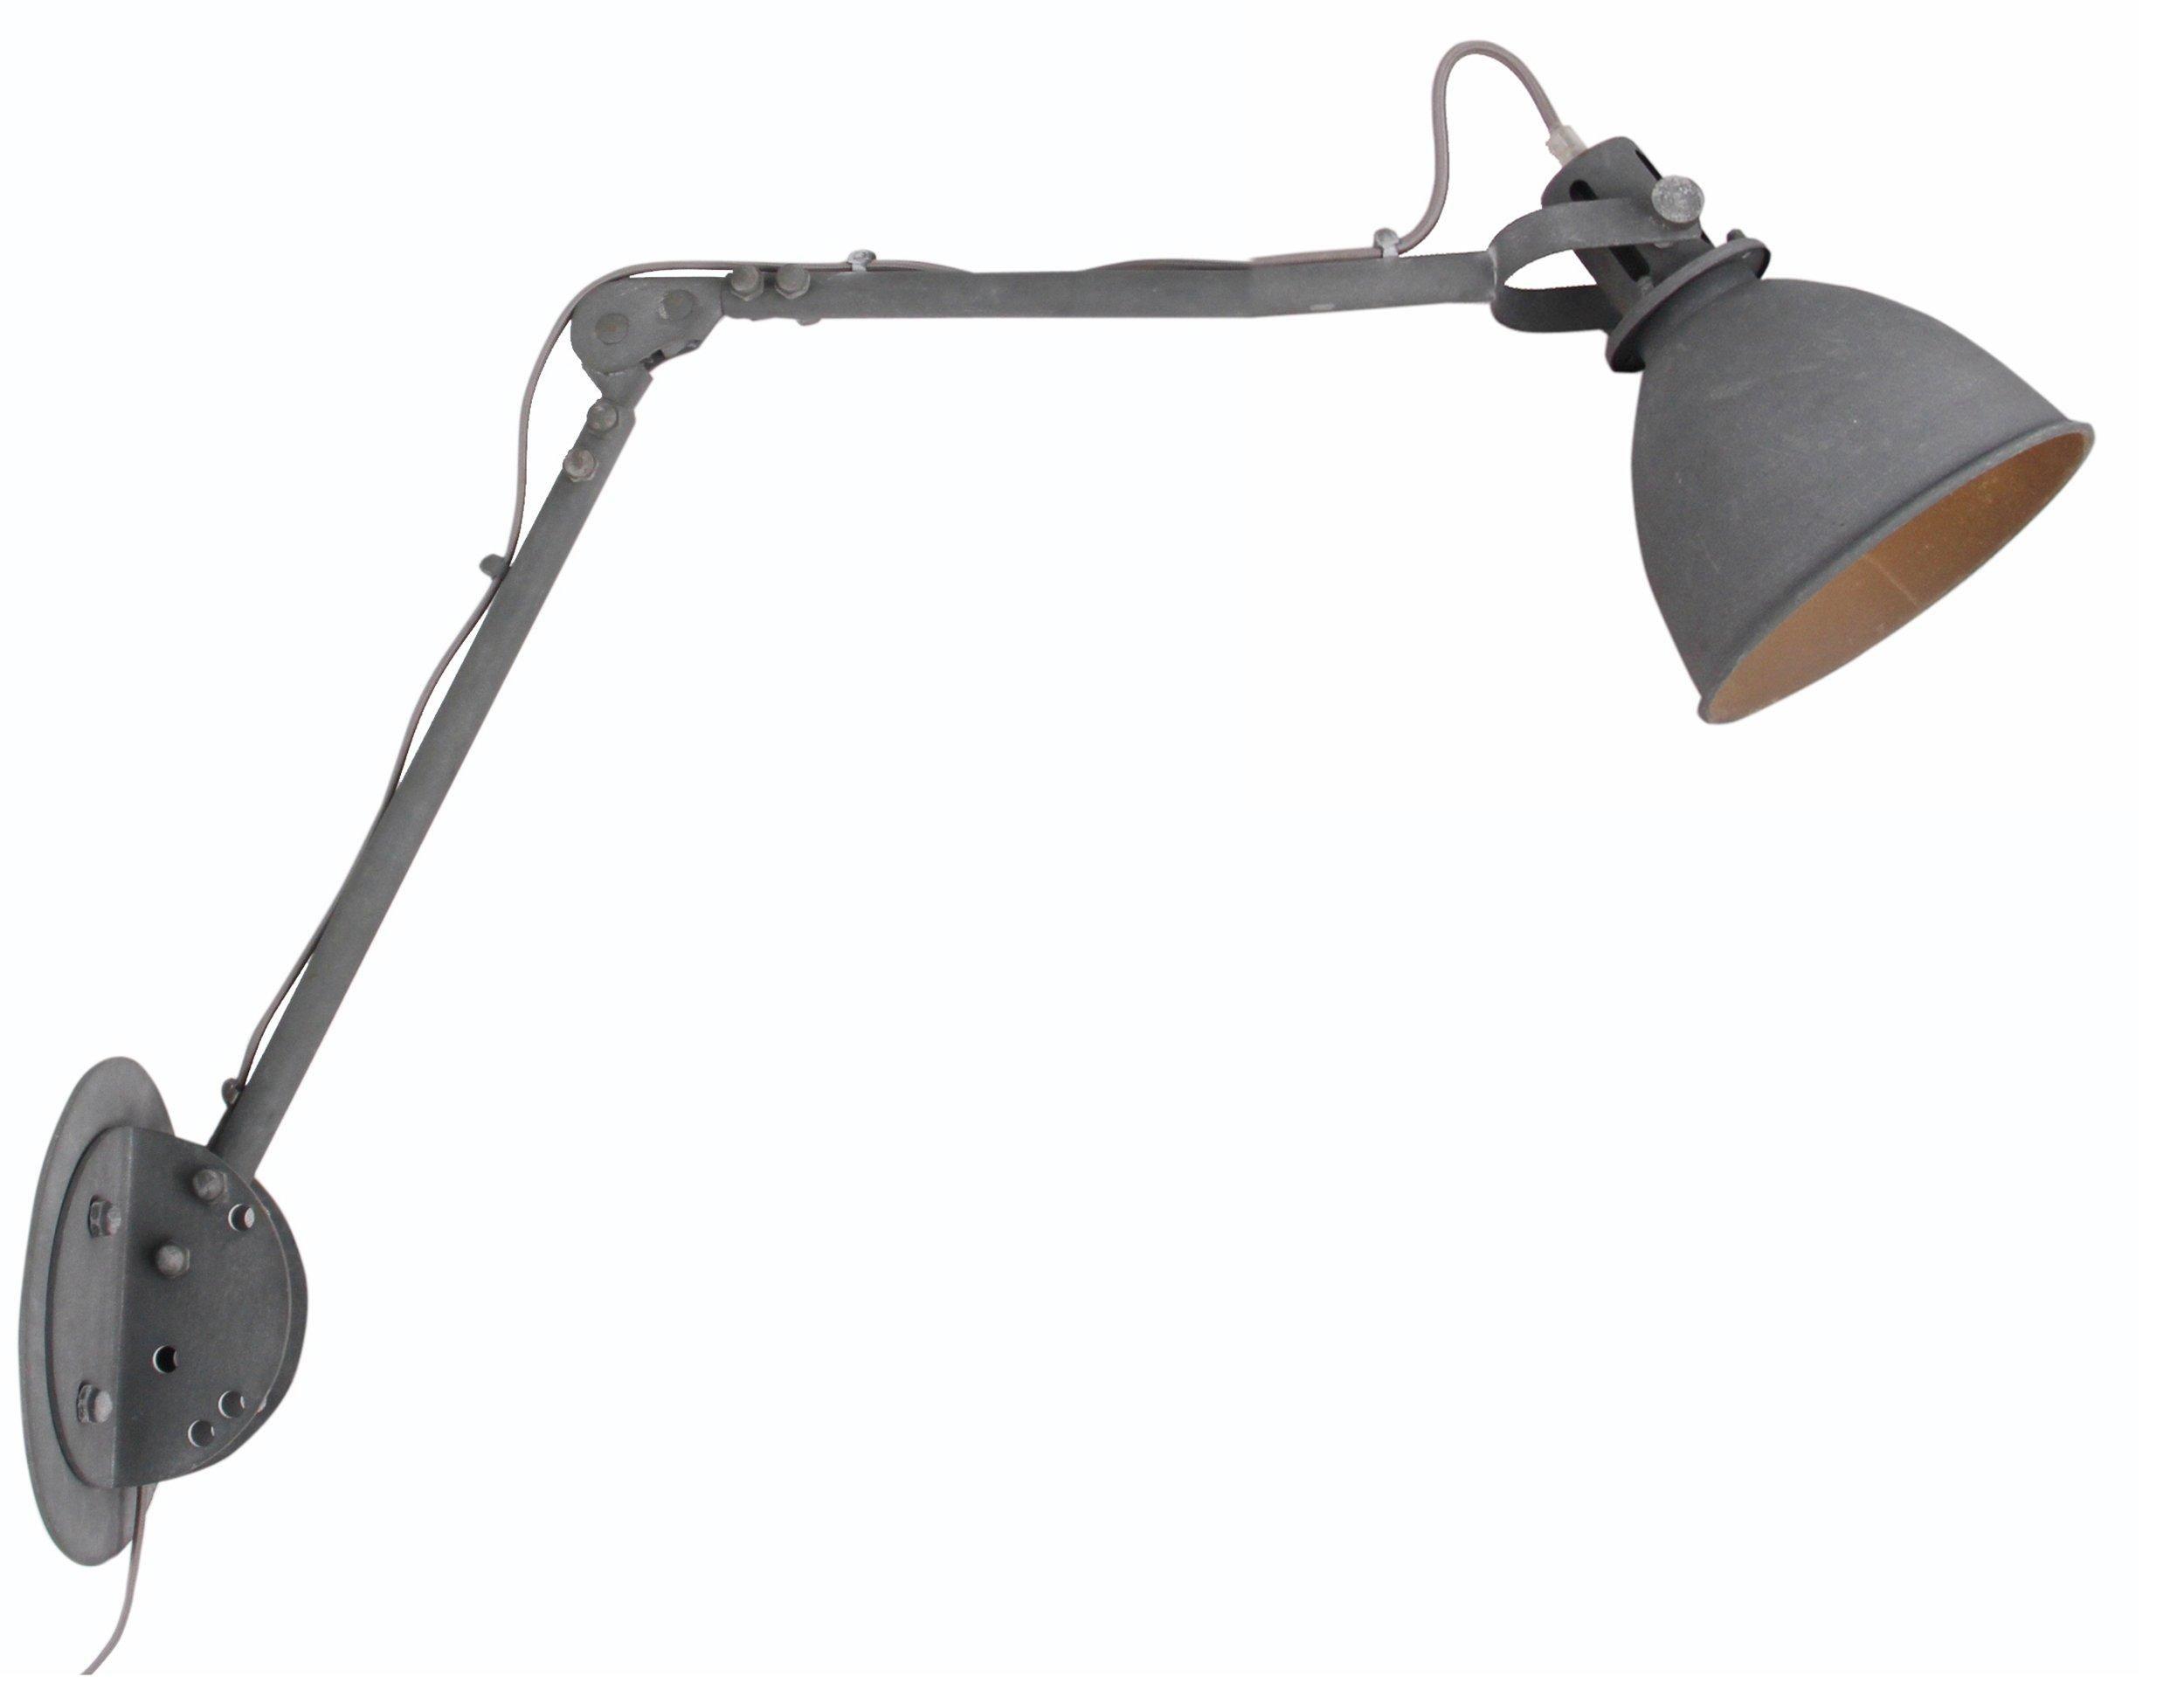 Wandleuchten Led Bad Wandleuchte Mit Steckerzuleitung Wandspot Gu10 Design Wandleuchten Mit Schalter Wandlampen Wandleuchte Brilliant Leuchten Leuchten